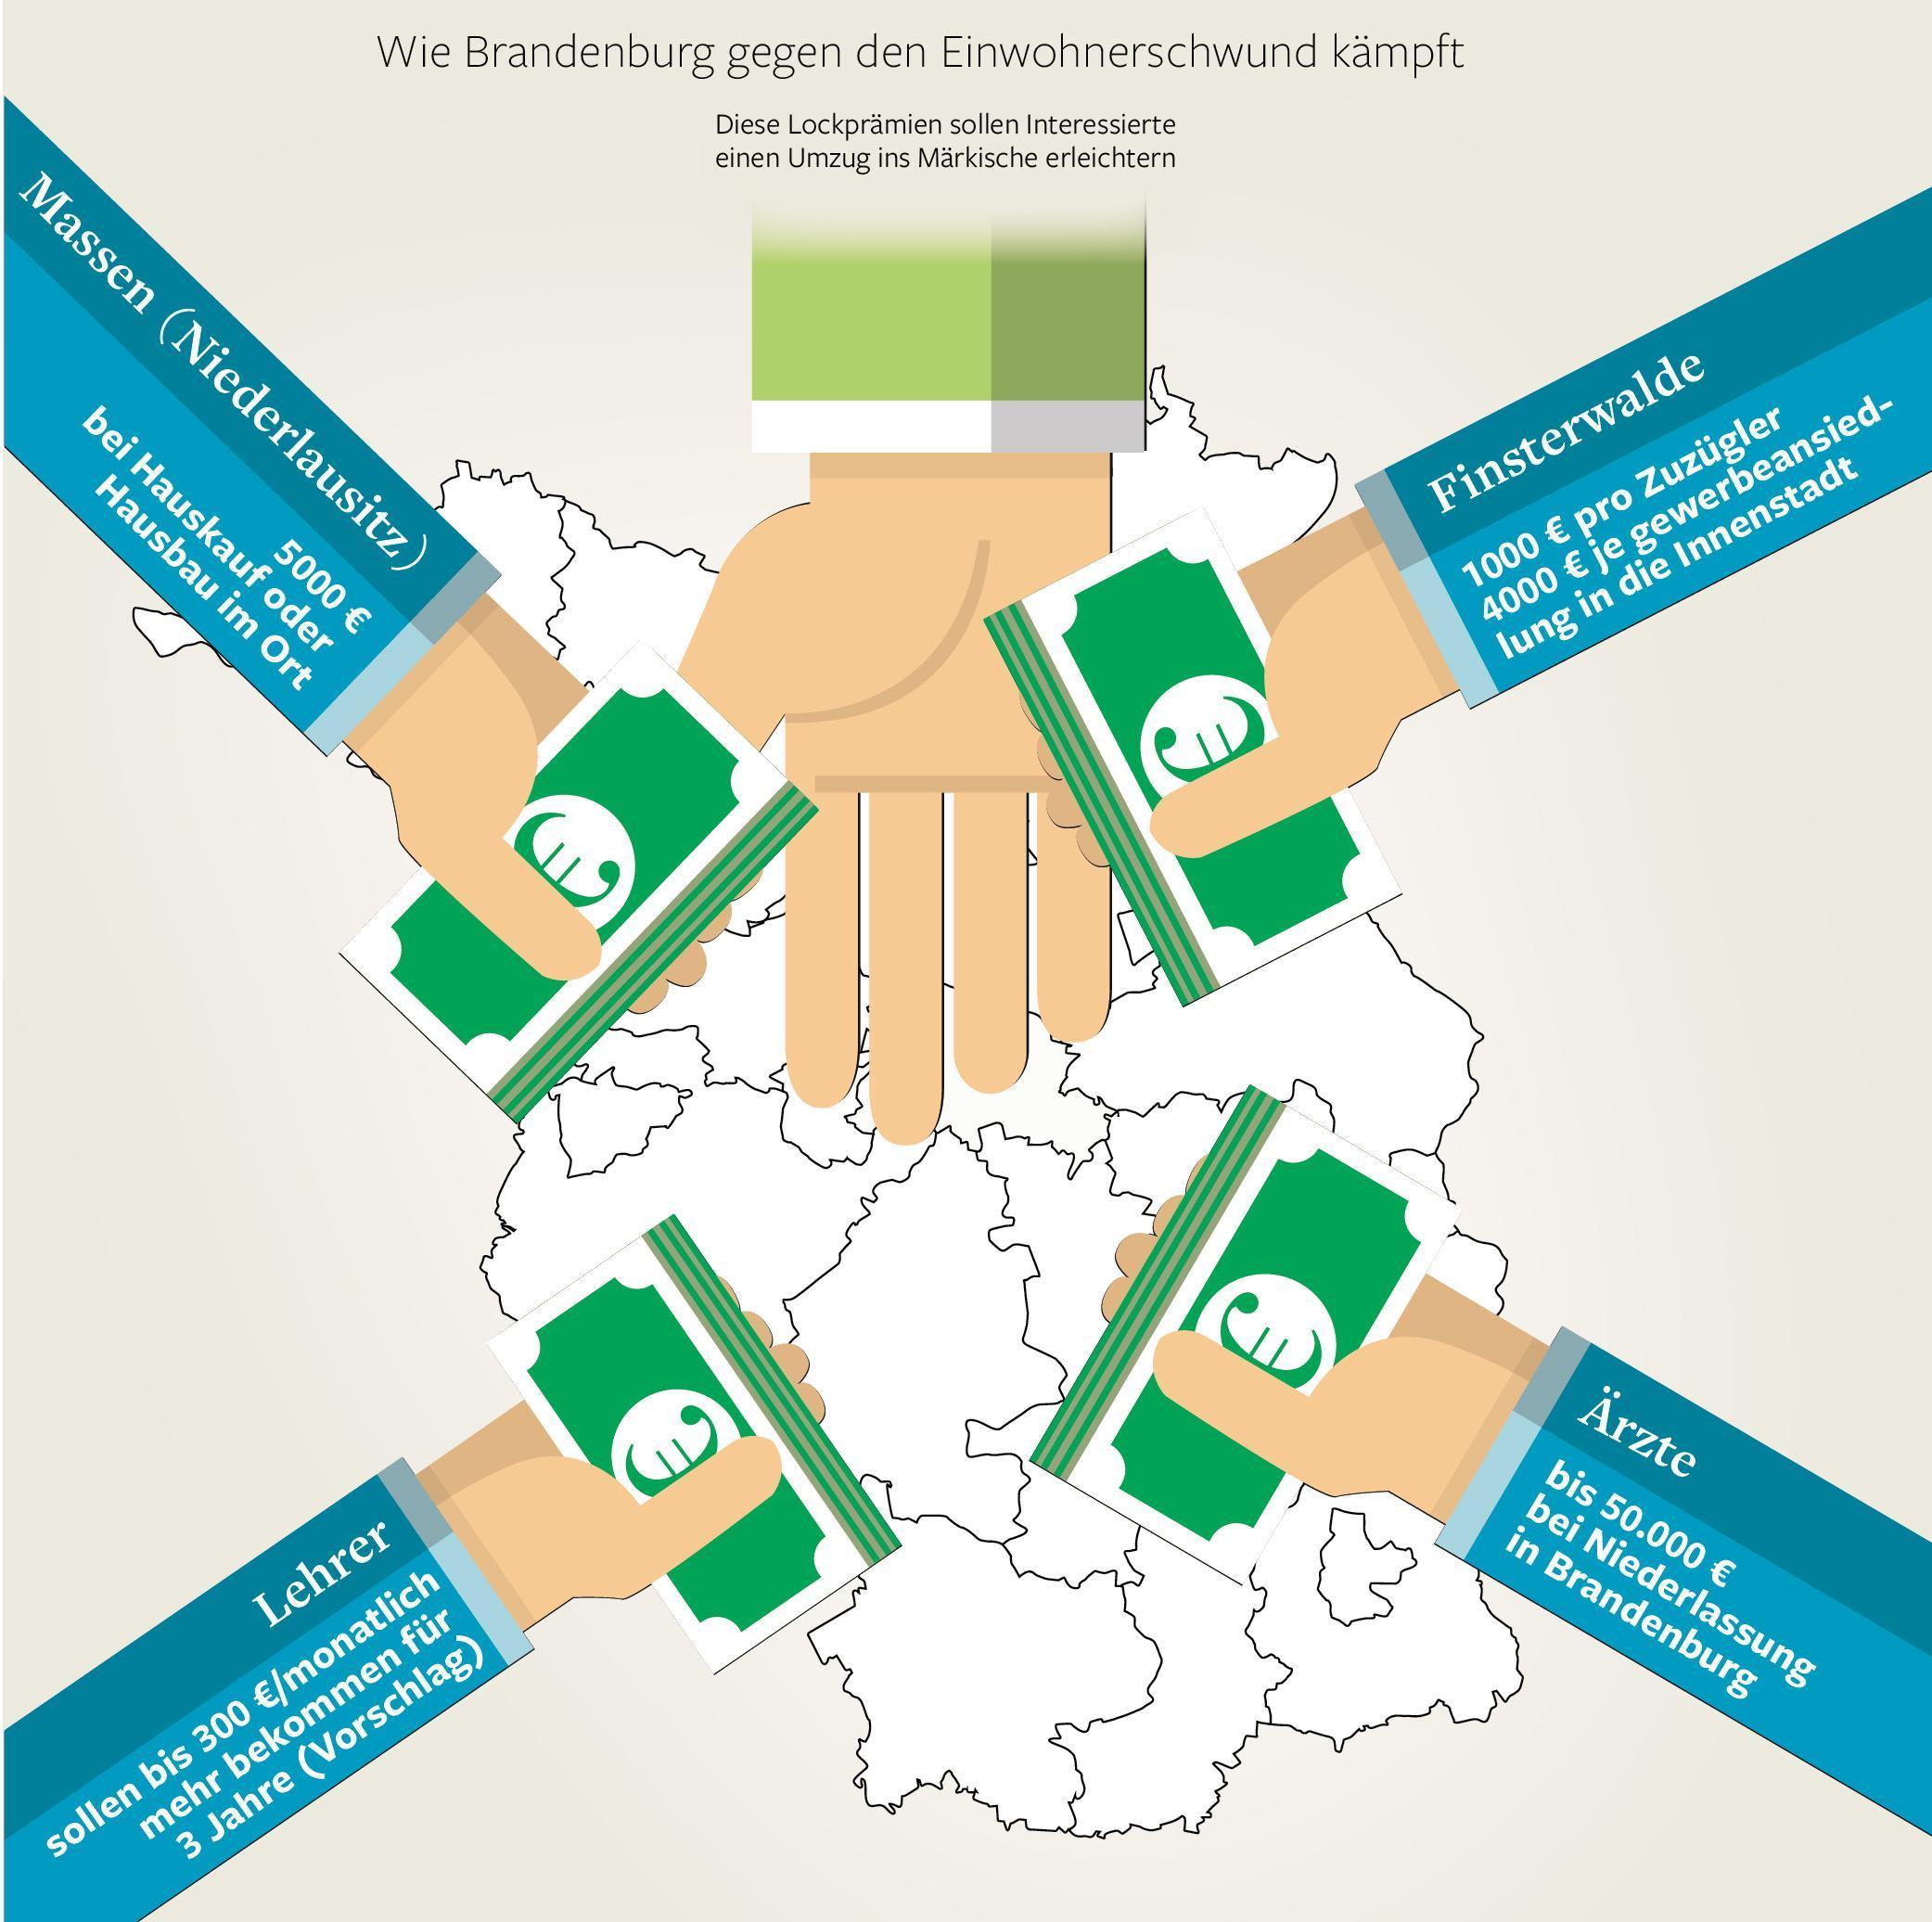 welche fachkräfte fehlen in deutschland